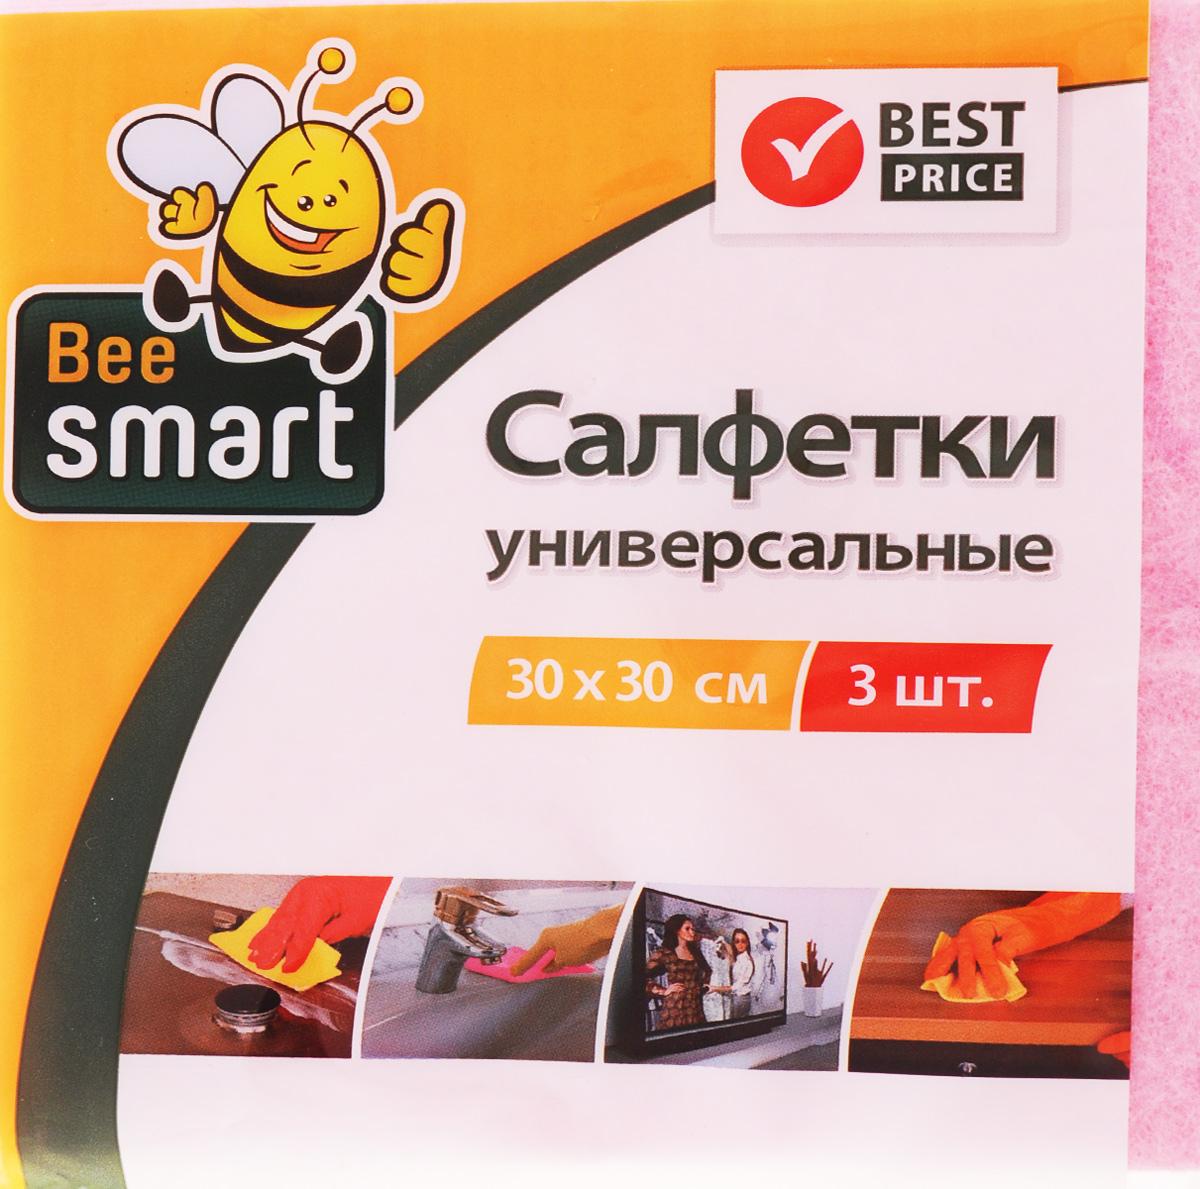 Набор универсальных салфеток Beesmart, 30 х 30 см, 3 шт531-105Набор Beesmart, выполненный из нетканого полотна (вискоза, полиэстер), состоит из 3 салфеток. Изделия предназначены для сухой и влажной уборки. Отлично впитывают жидкости, жиры, масла. Пригодны для многоразового использования, долговечны, не оставляют следов и ворсинок. Размер салфетки: 30 х 30 см.